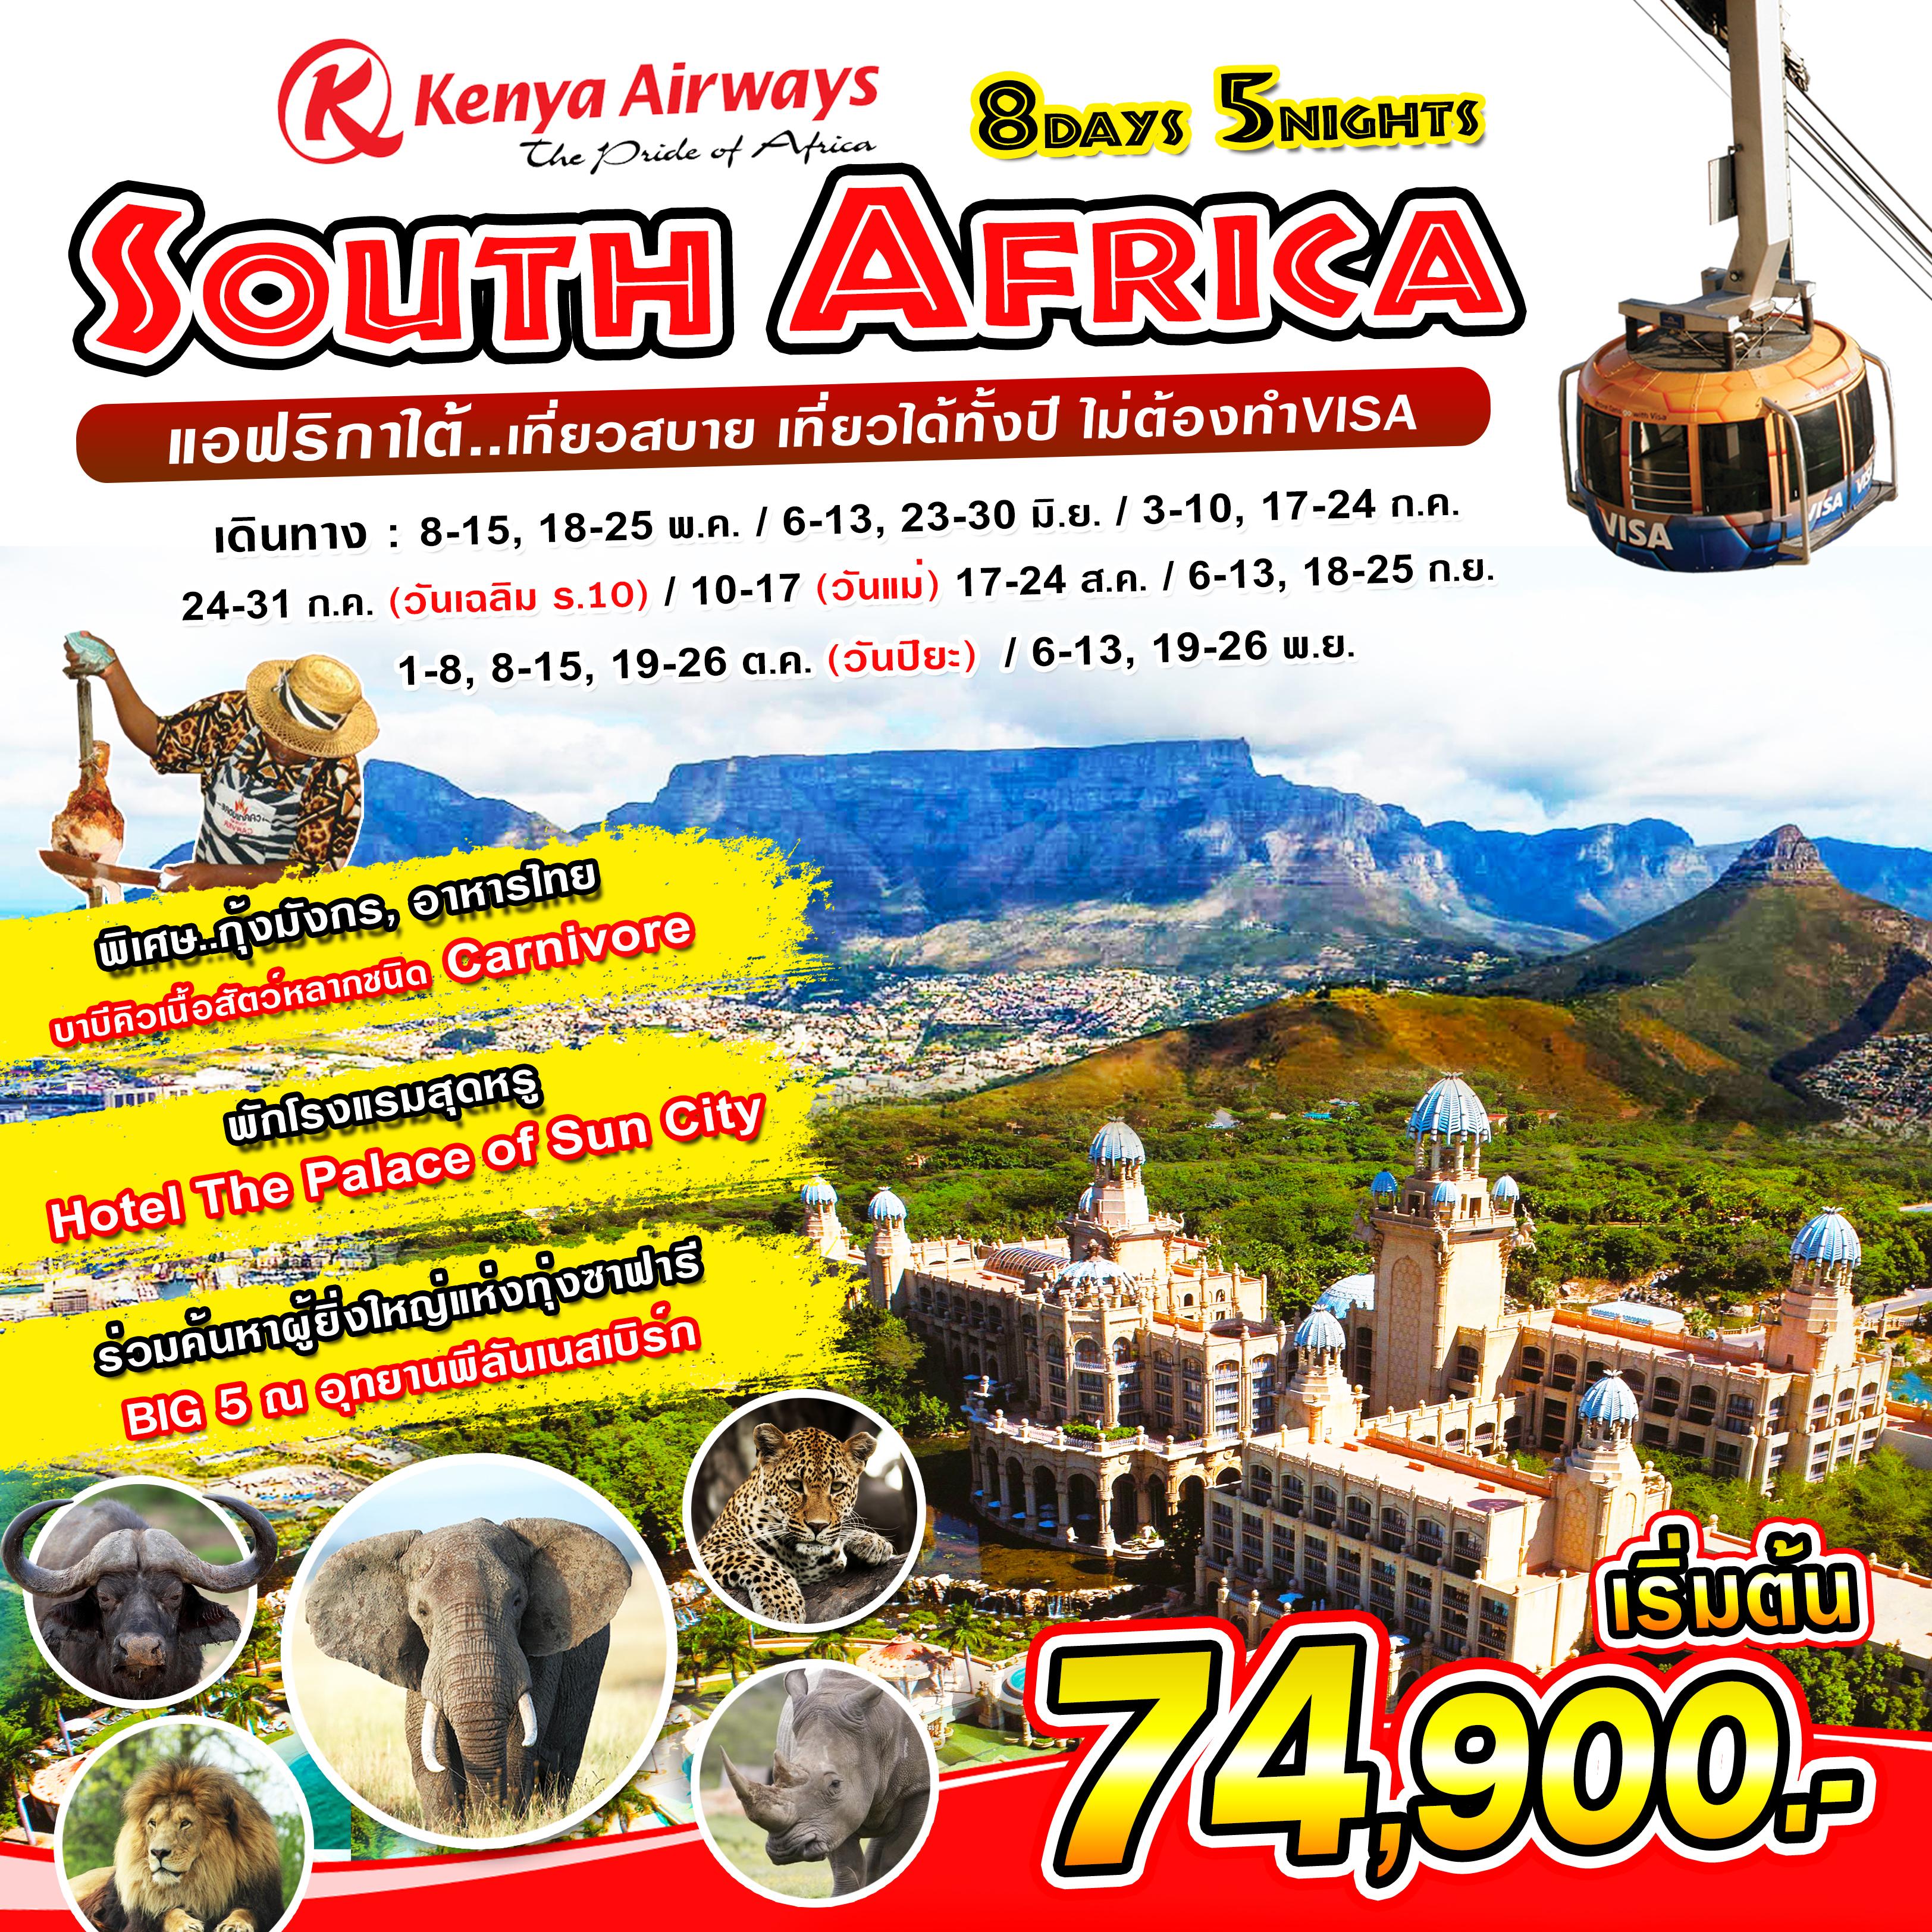 ทัวร์แอฟริกาใต้-South-Africa-8วัน-5คืน-(KQ)-(JUN-NOV19)